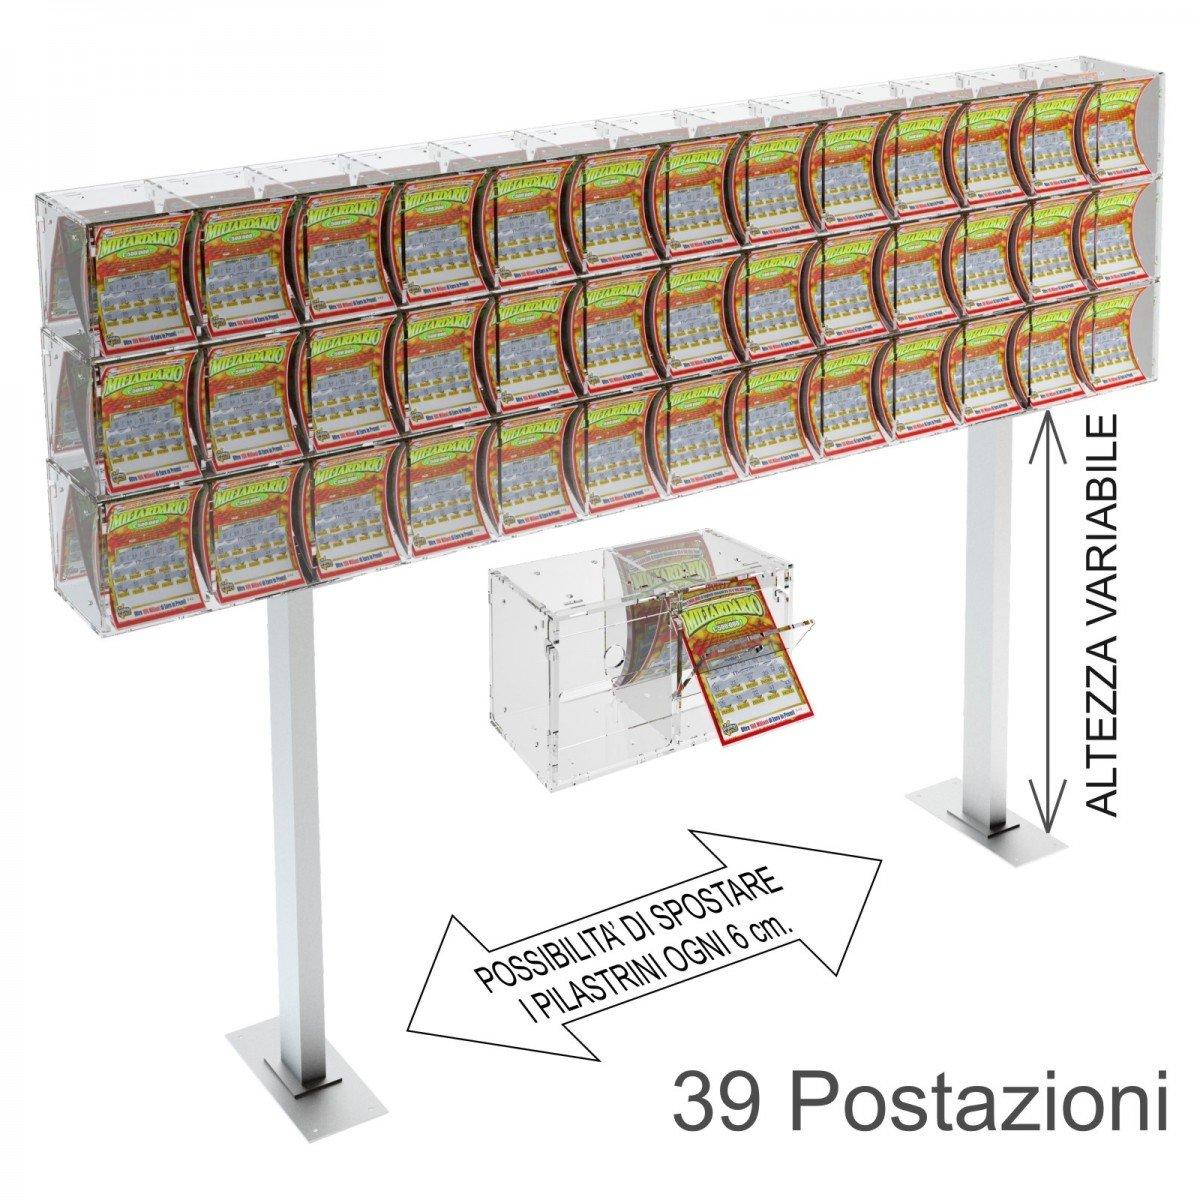 Espositore gratta e vinci da banco in plexiglass trasparente a 39 contenitori munito di sportellino frontale lato rivenditore